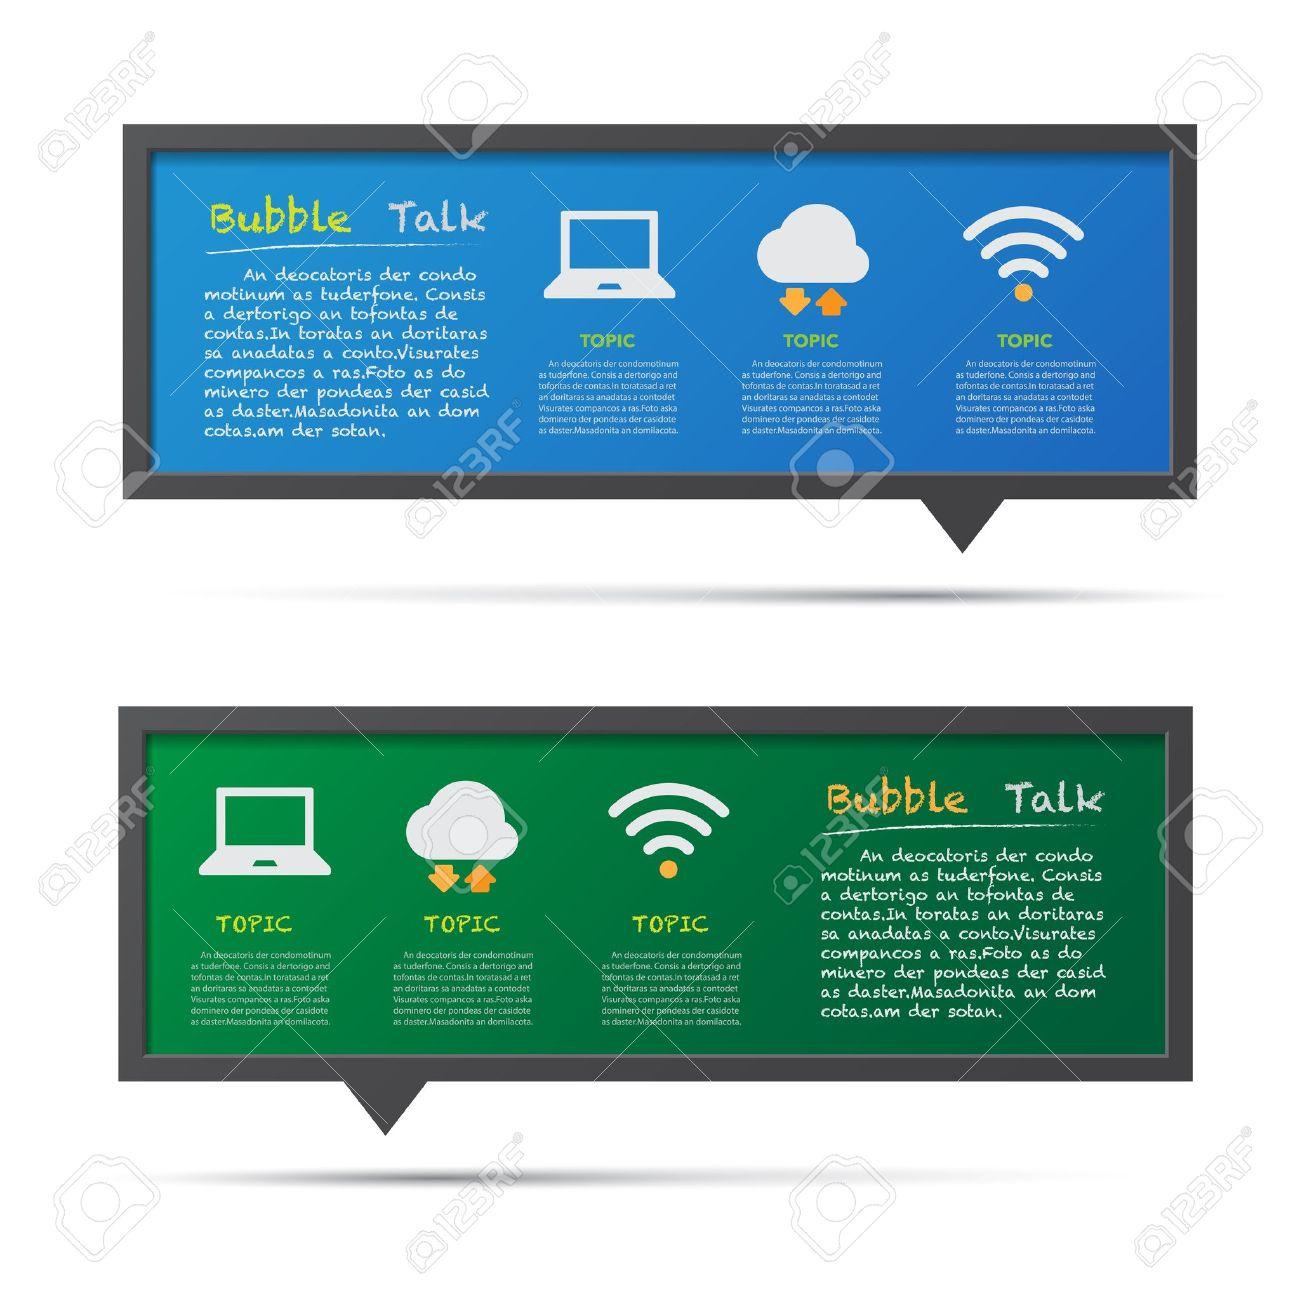 Network icon and 3D bubble talk blackboard. Illustrator Stock Vector - 20537963